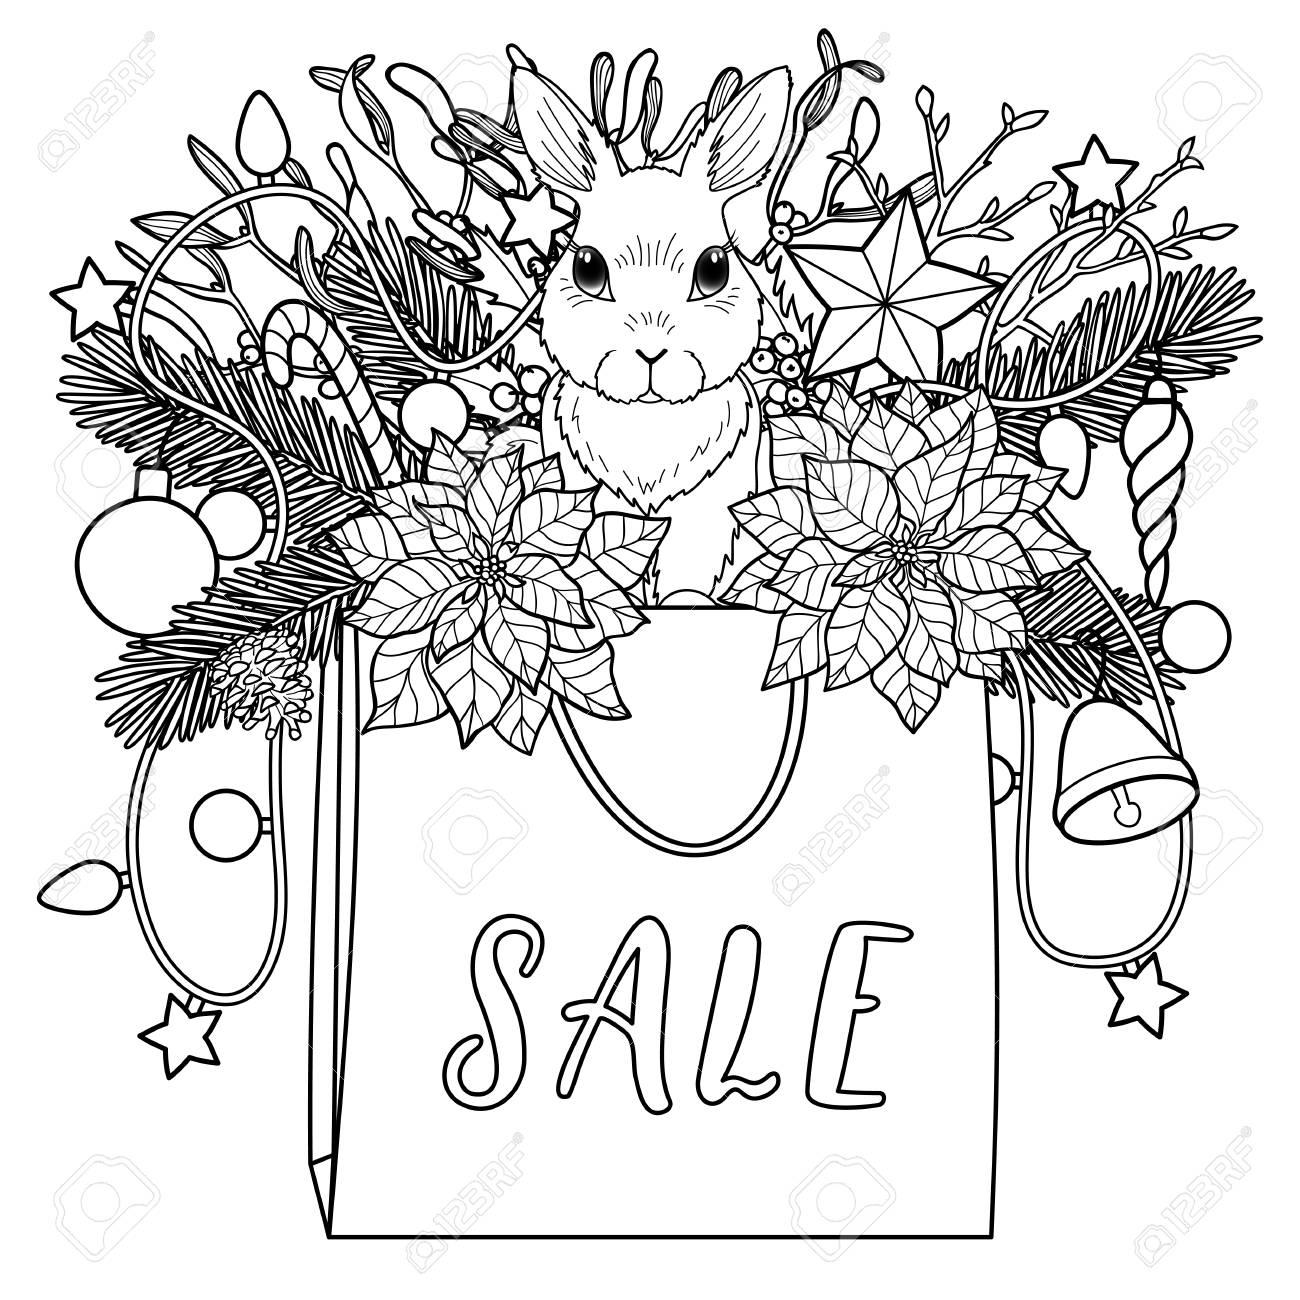 Composición Para Colorear De Venta De Invierno Patrón Cuadrado Blanco Y Negro Con Bolsa Conejo Y Objeto De Año Nuevo Para Carteles Páginas Para